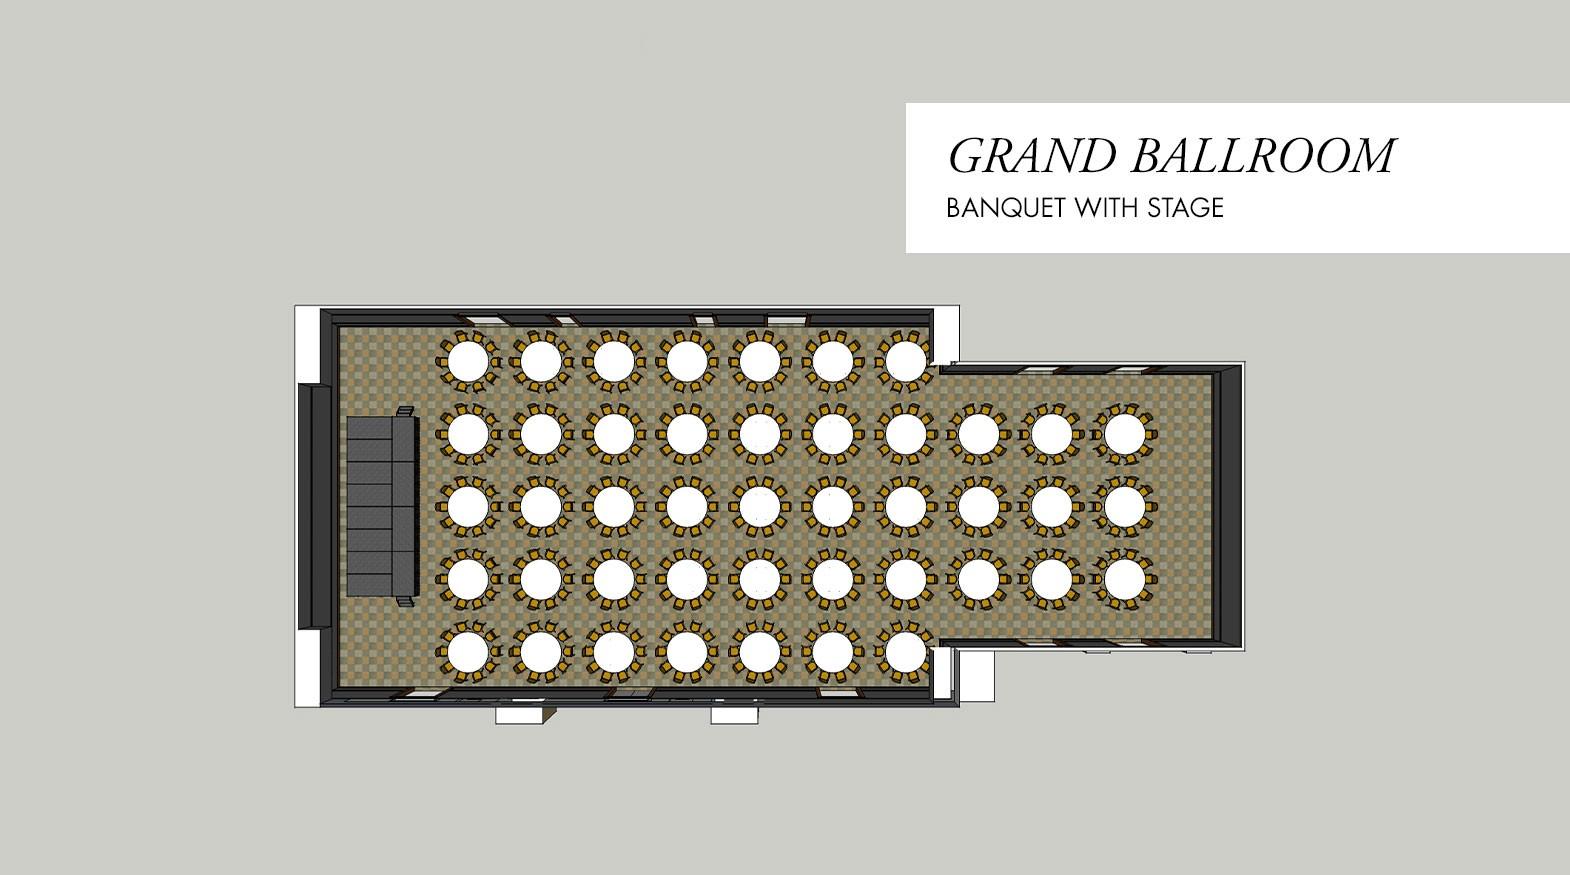 grand-ballroom-banquet.jpg